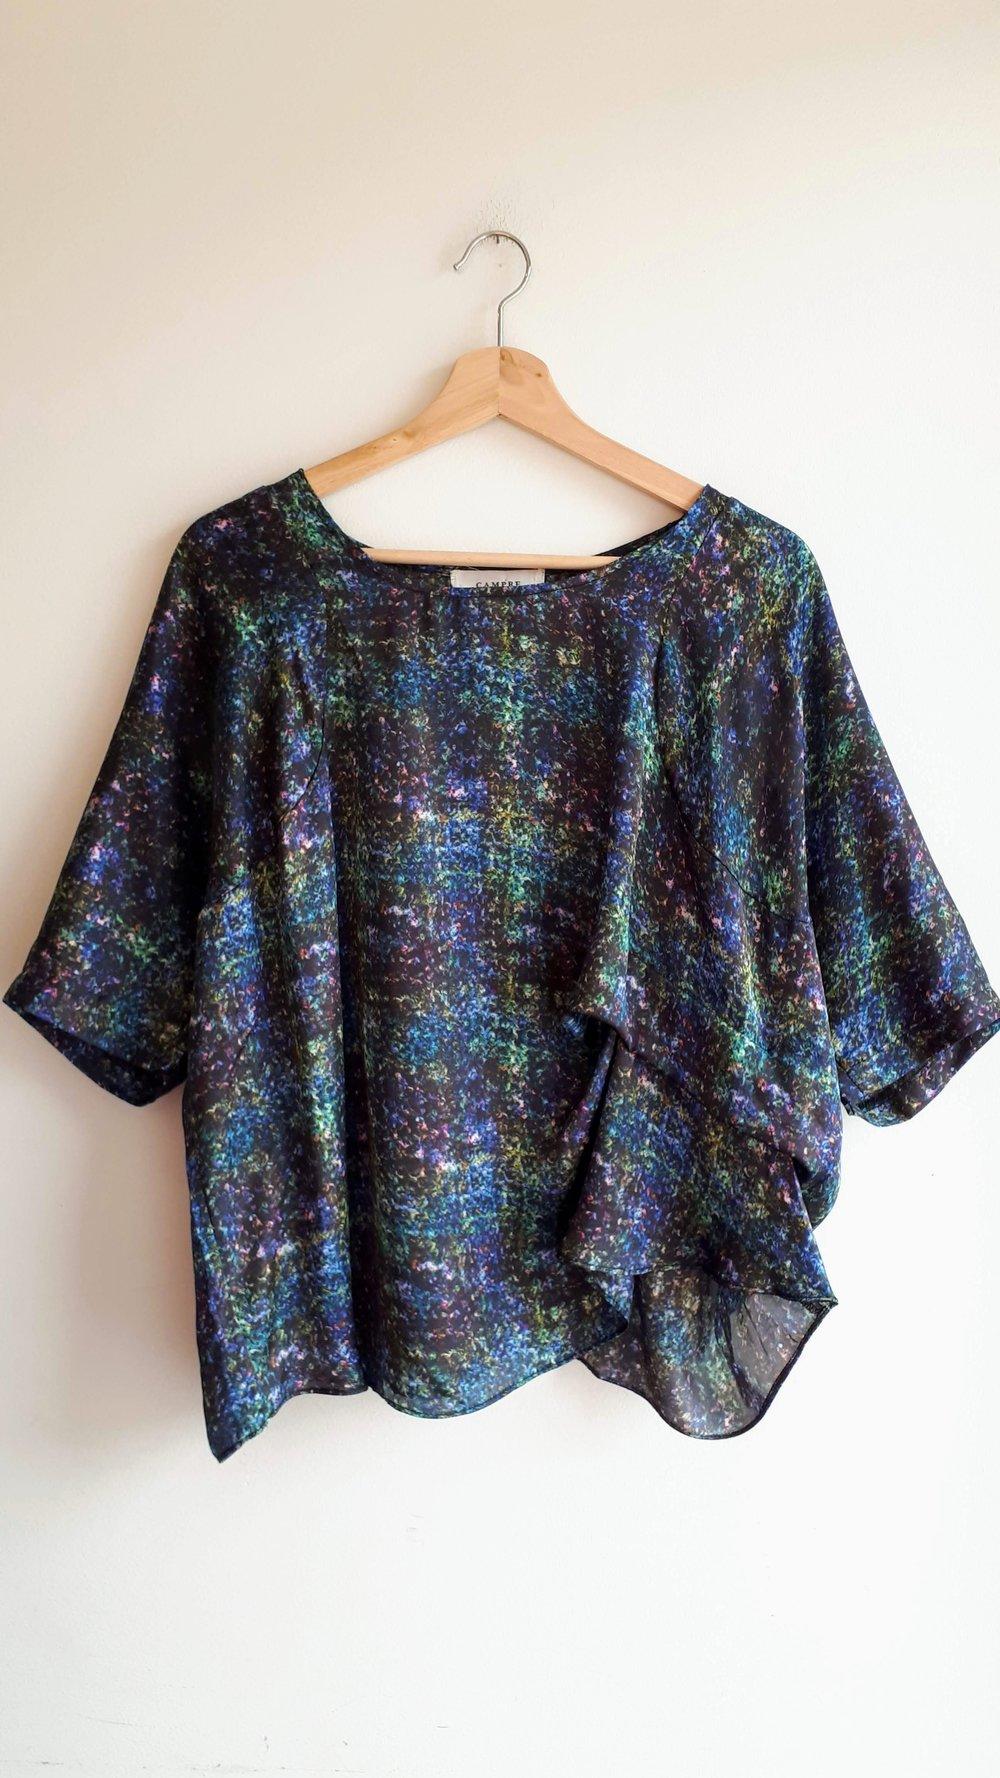 Campre top; Size M, $30